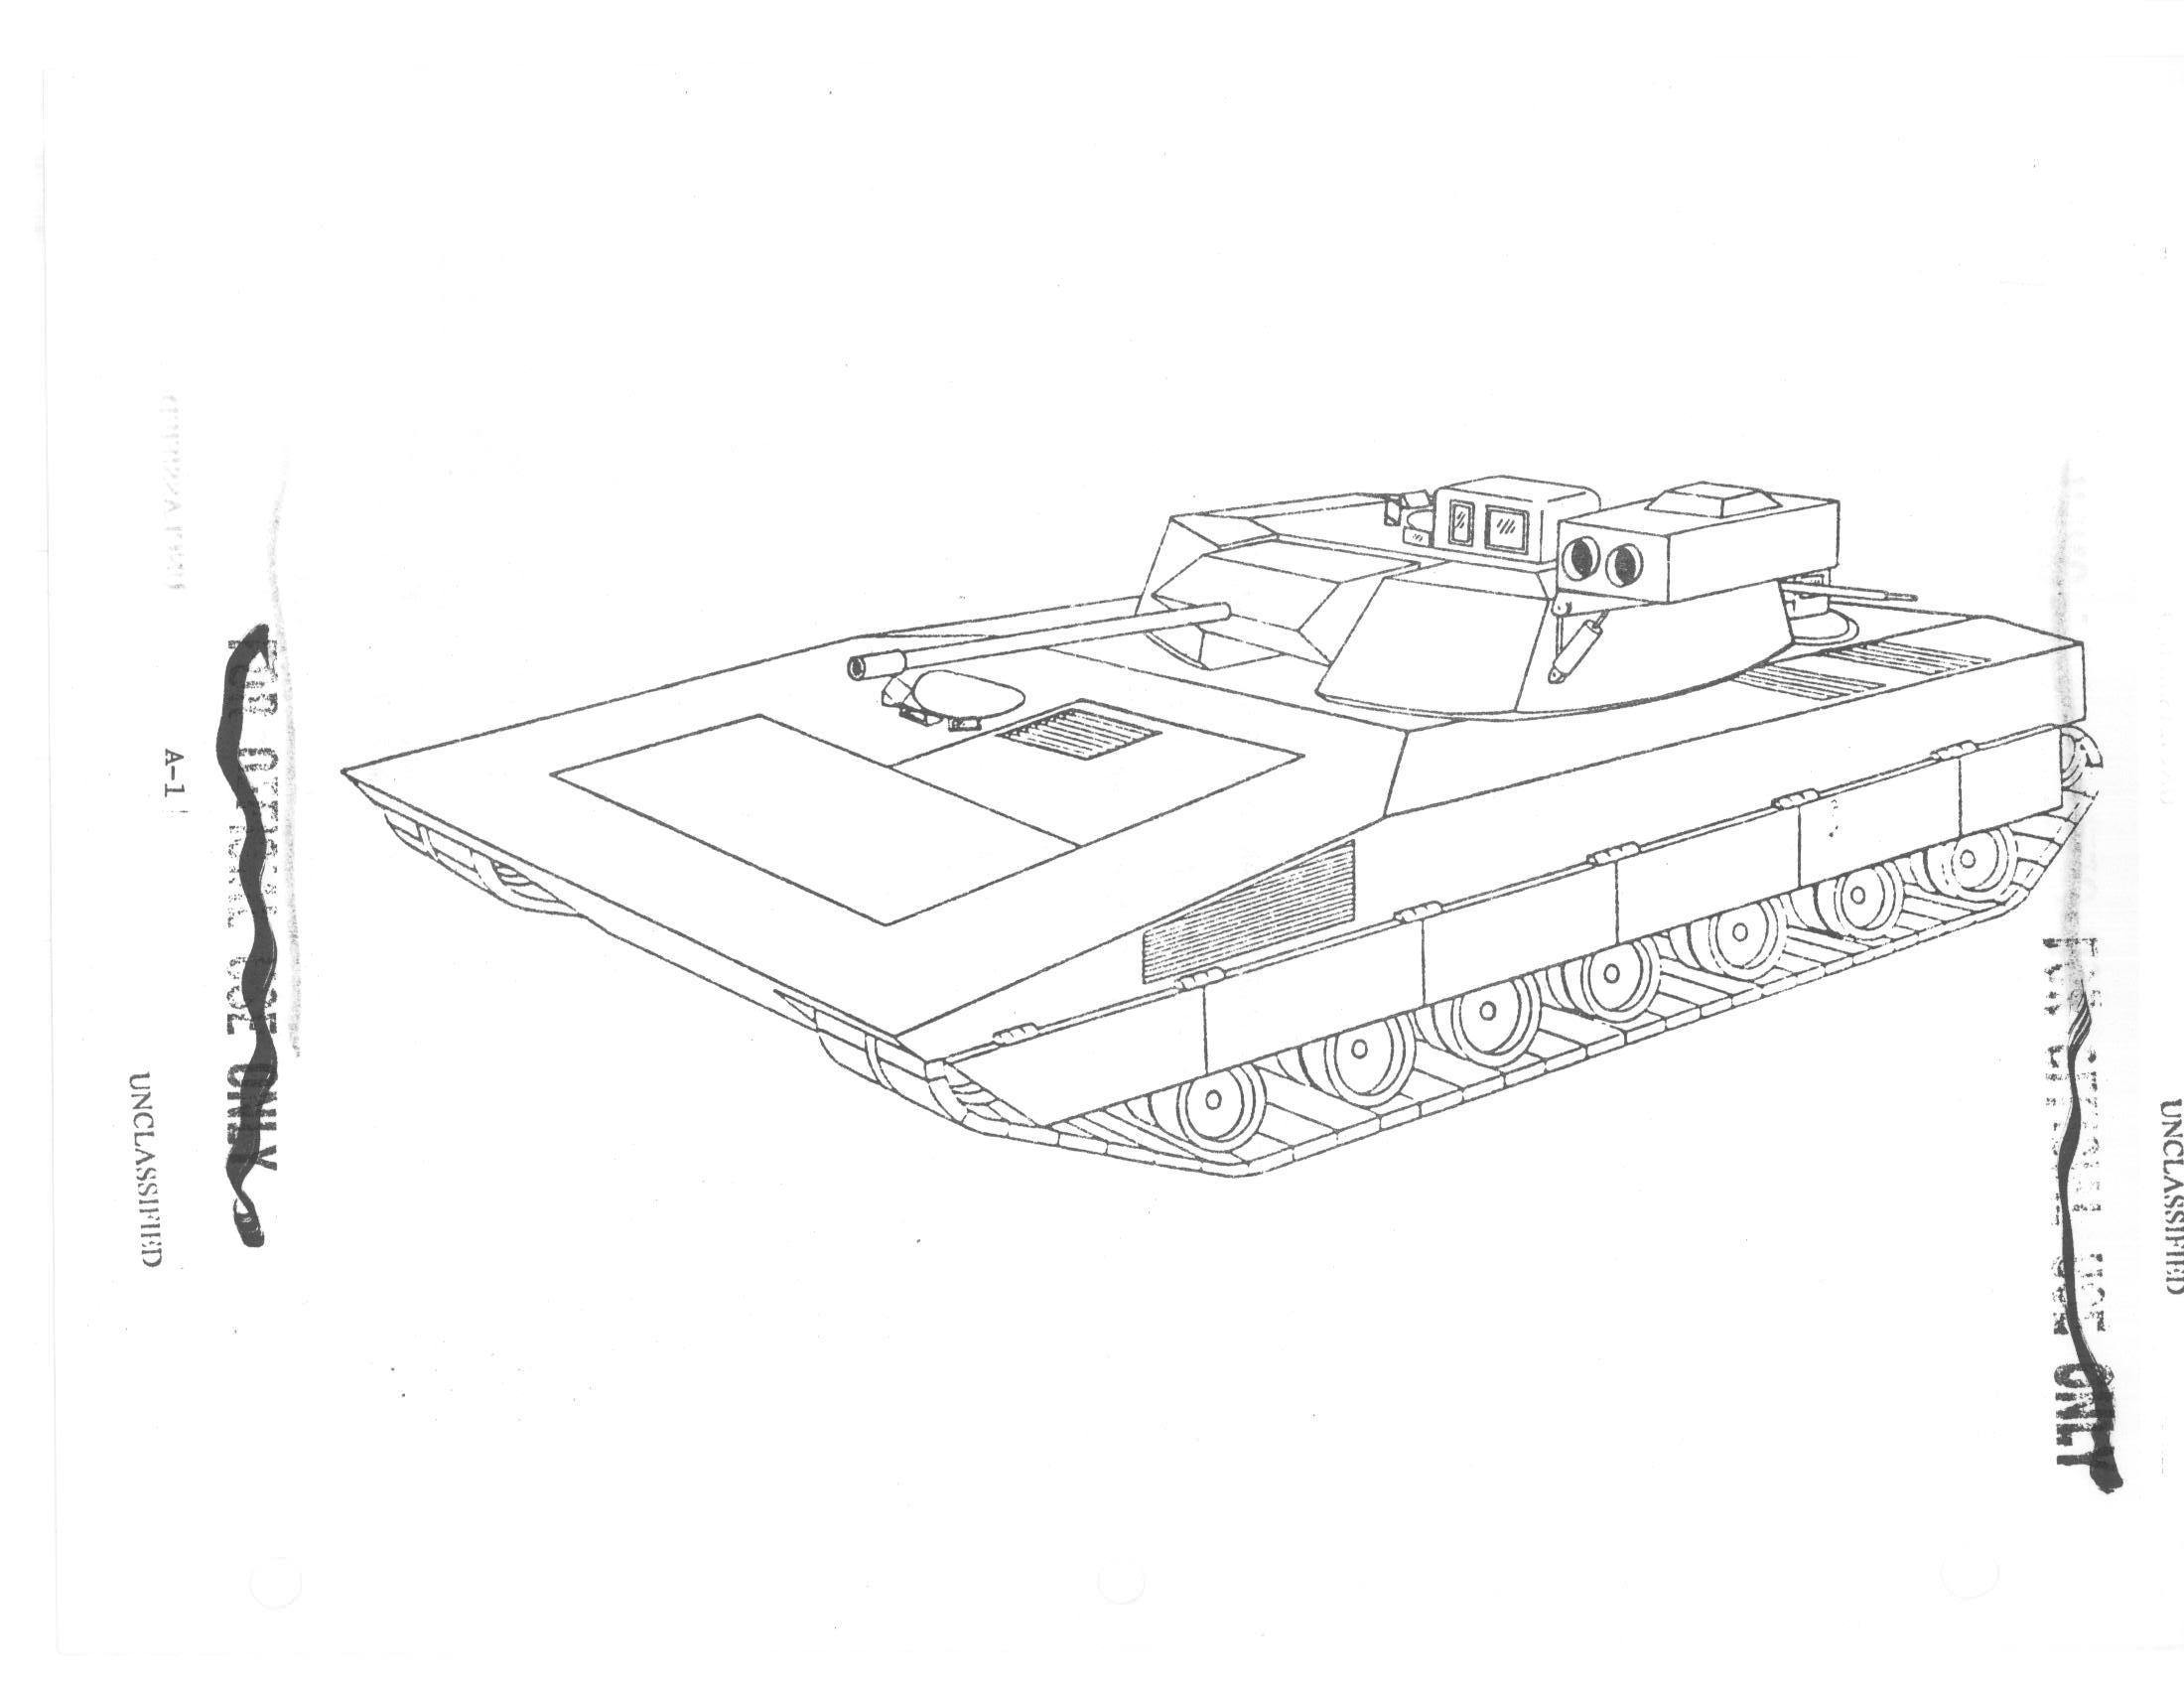 saifv manned turret